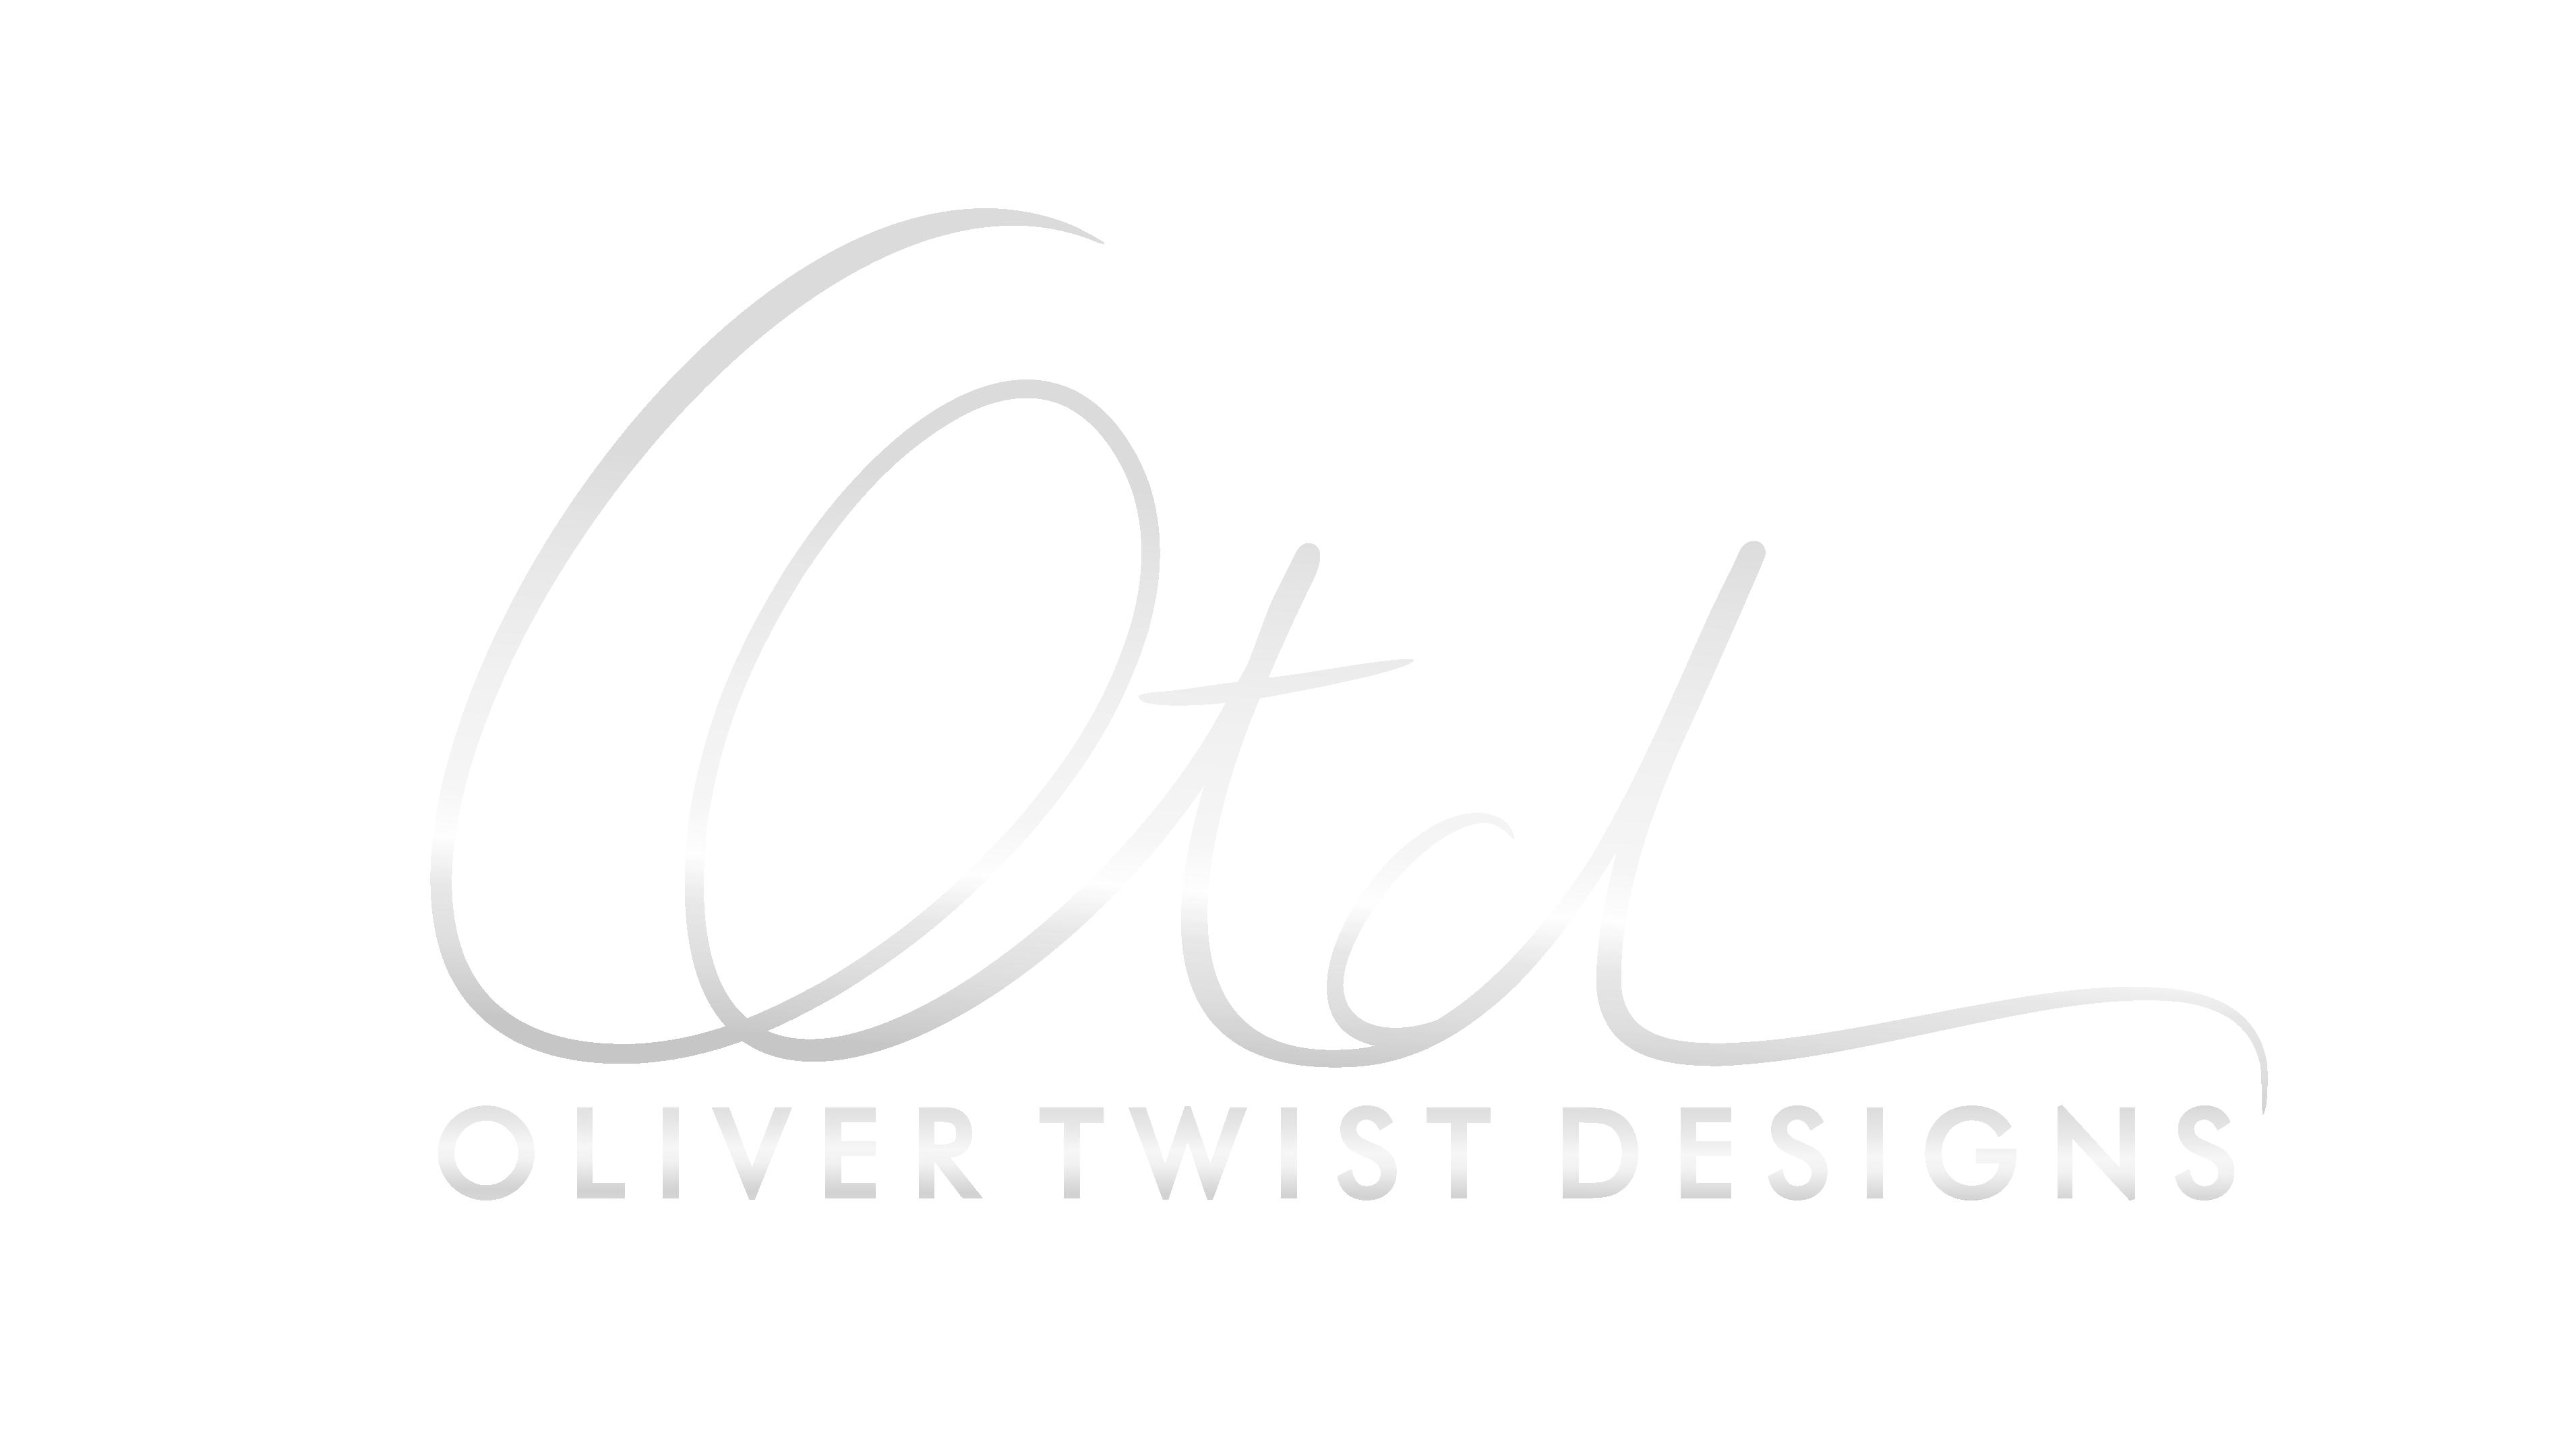 Oliver Twist Designs